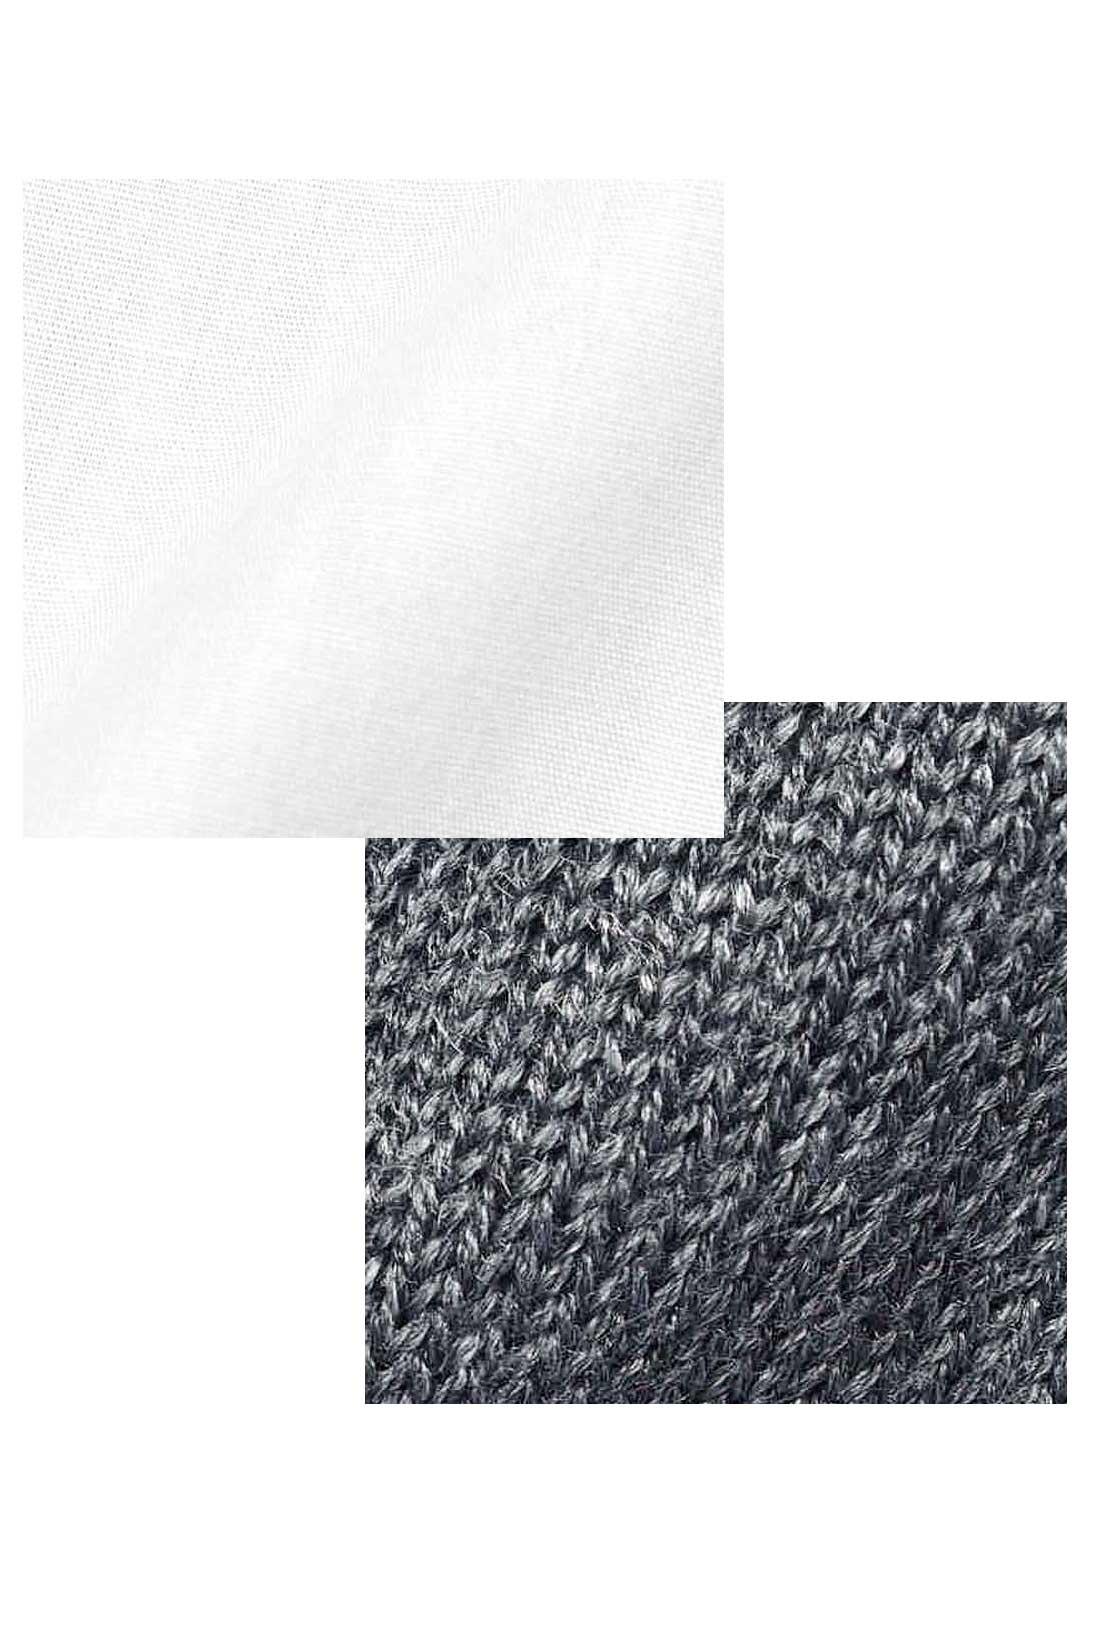 シャツもニットもさらりと軽いきれいめ素材で、ロングシーズン快適。